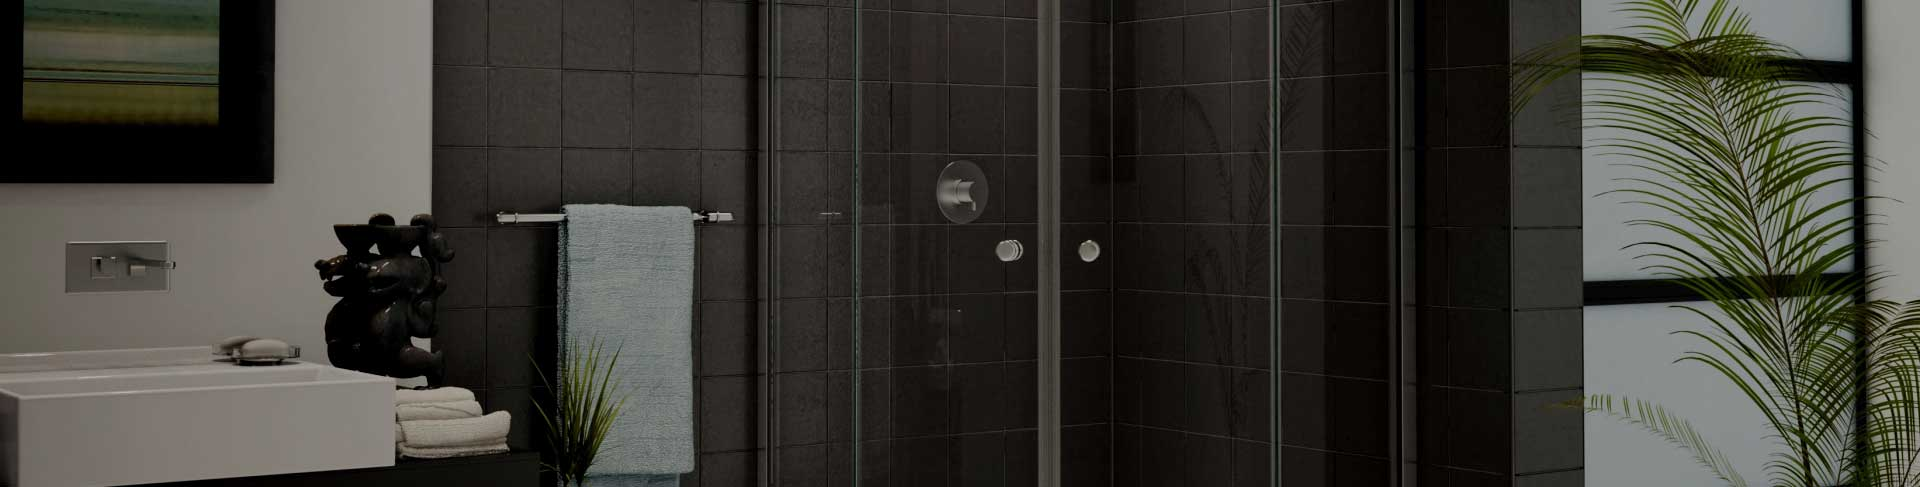 Sustituci n de ba era por plato de ducha vintage obras - Sustitucion de banera por plato de ducha ...